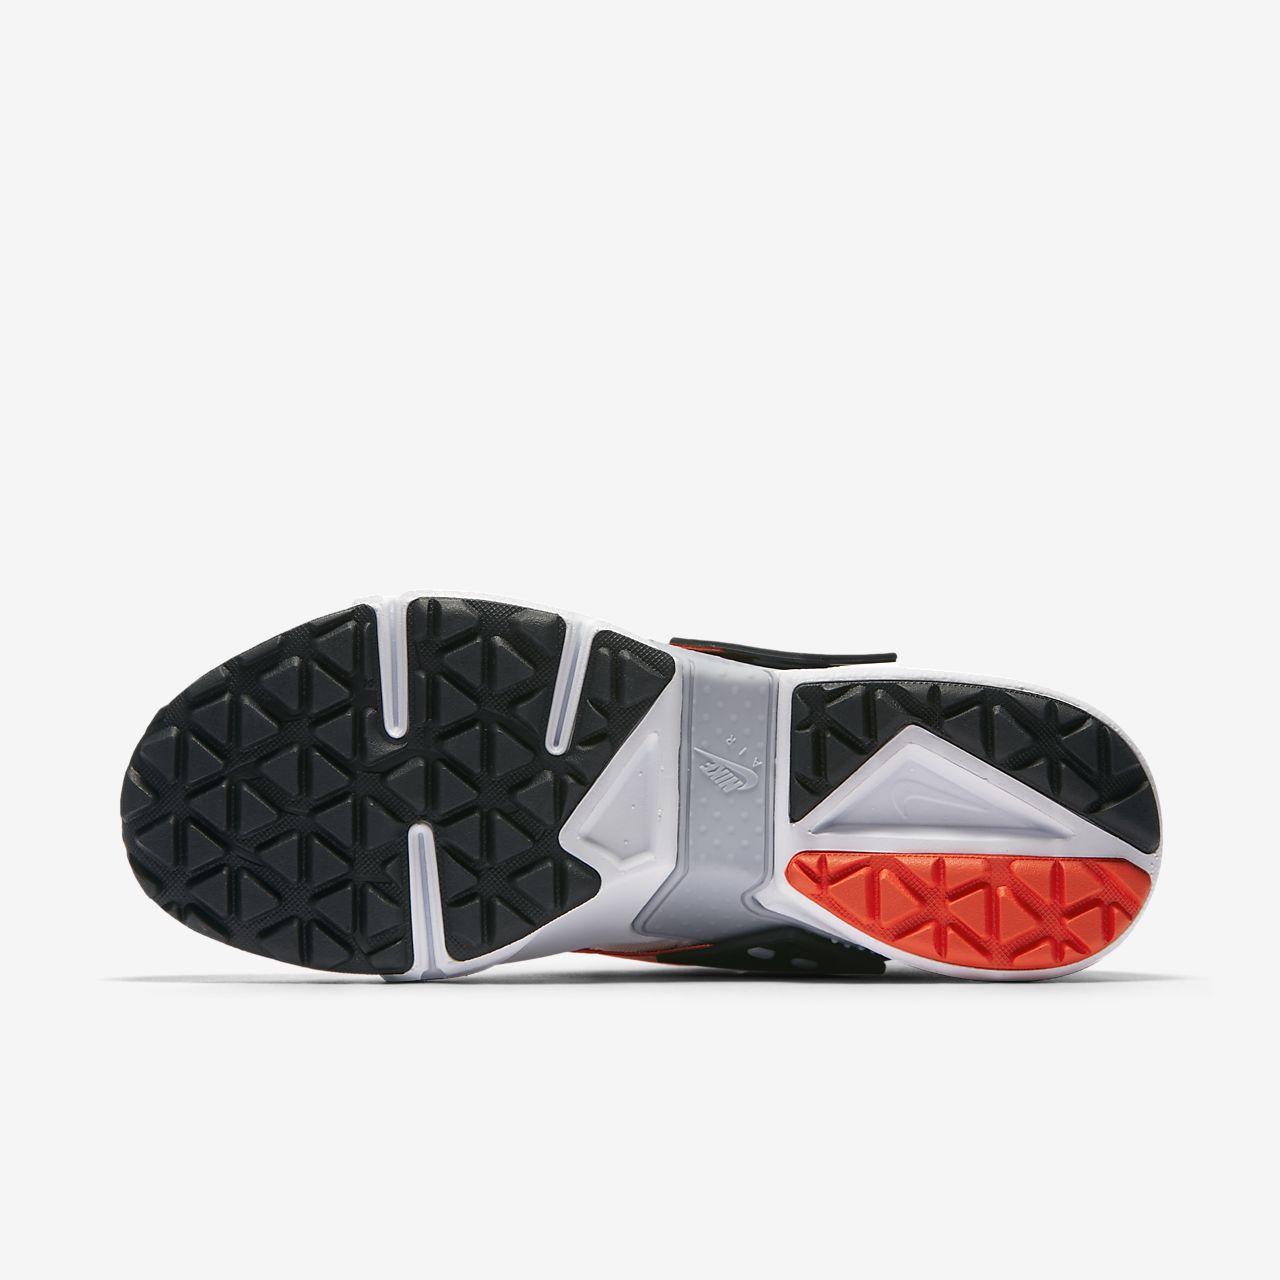 save off ead23 416a1 ... Nike Air Huarache Gripp Men s Shoe